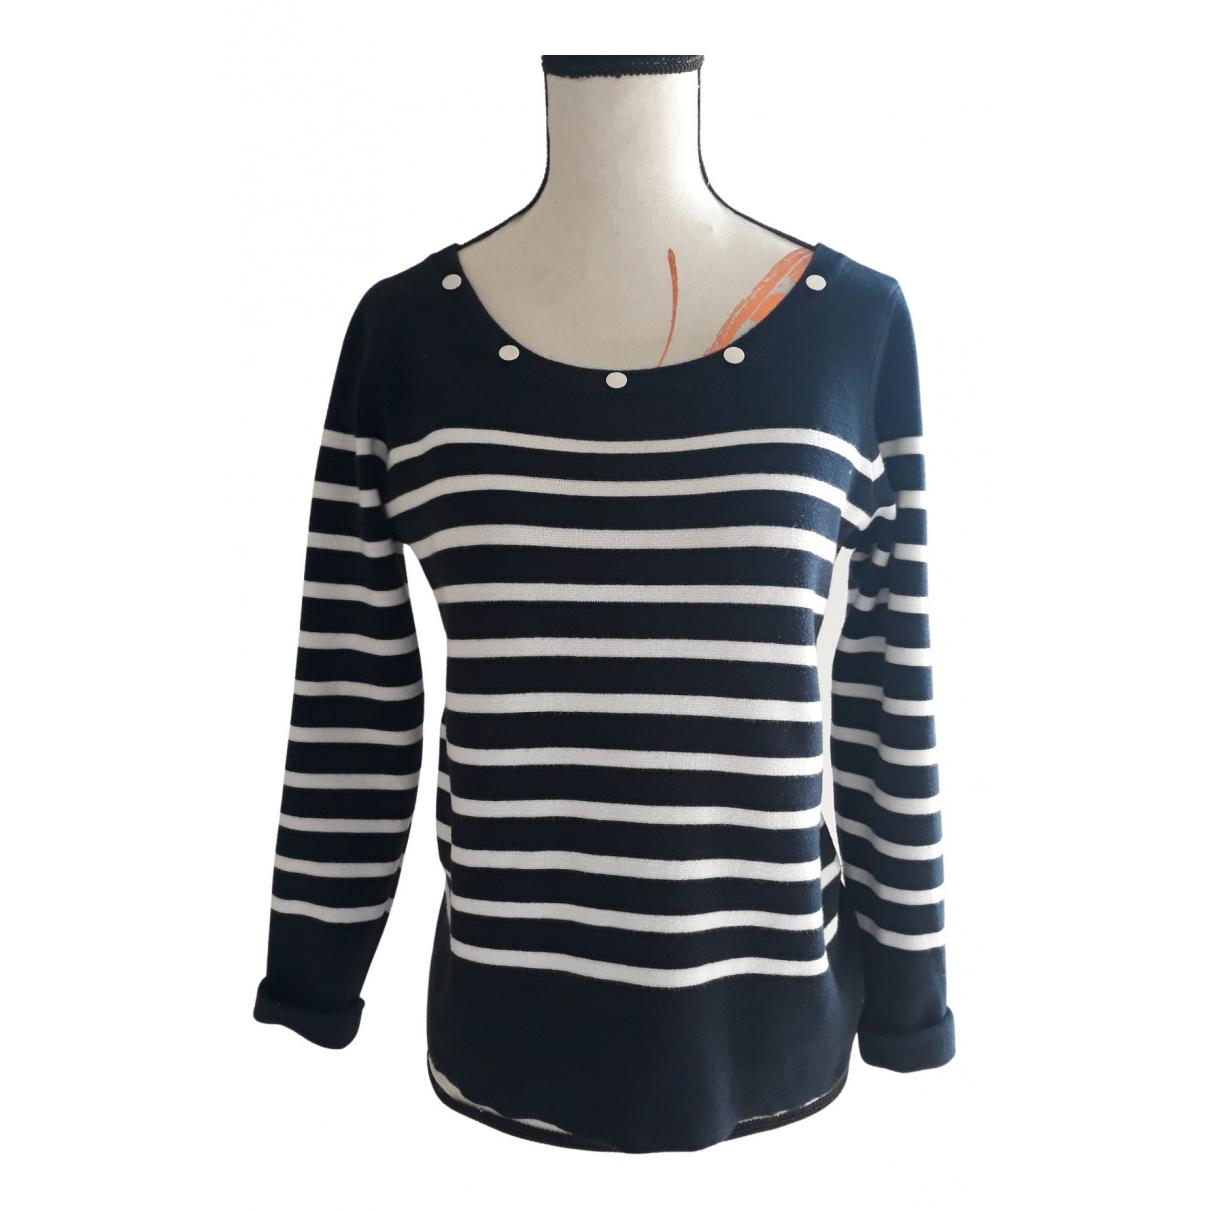 Claudie Pierlot N Navy Cotton Knitwear for Women 36 FR